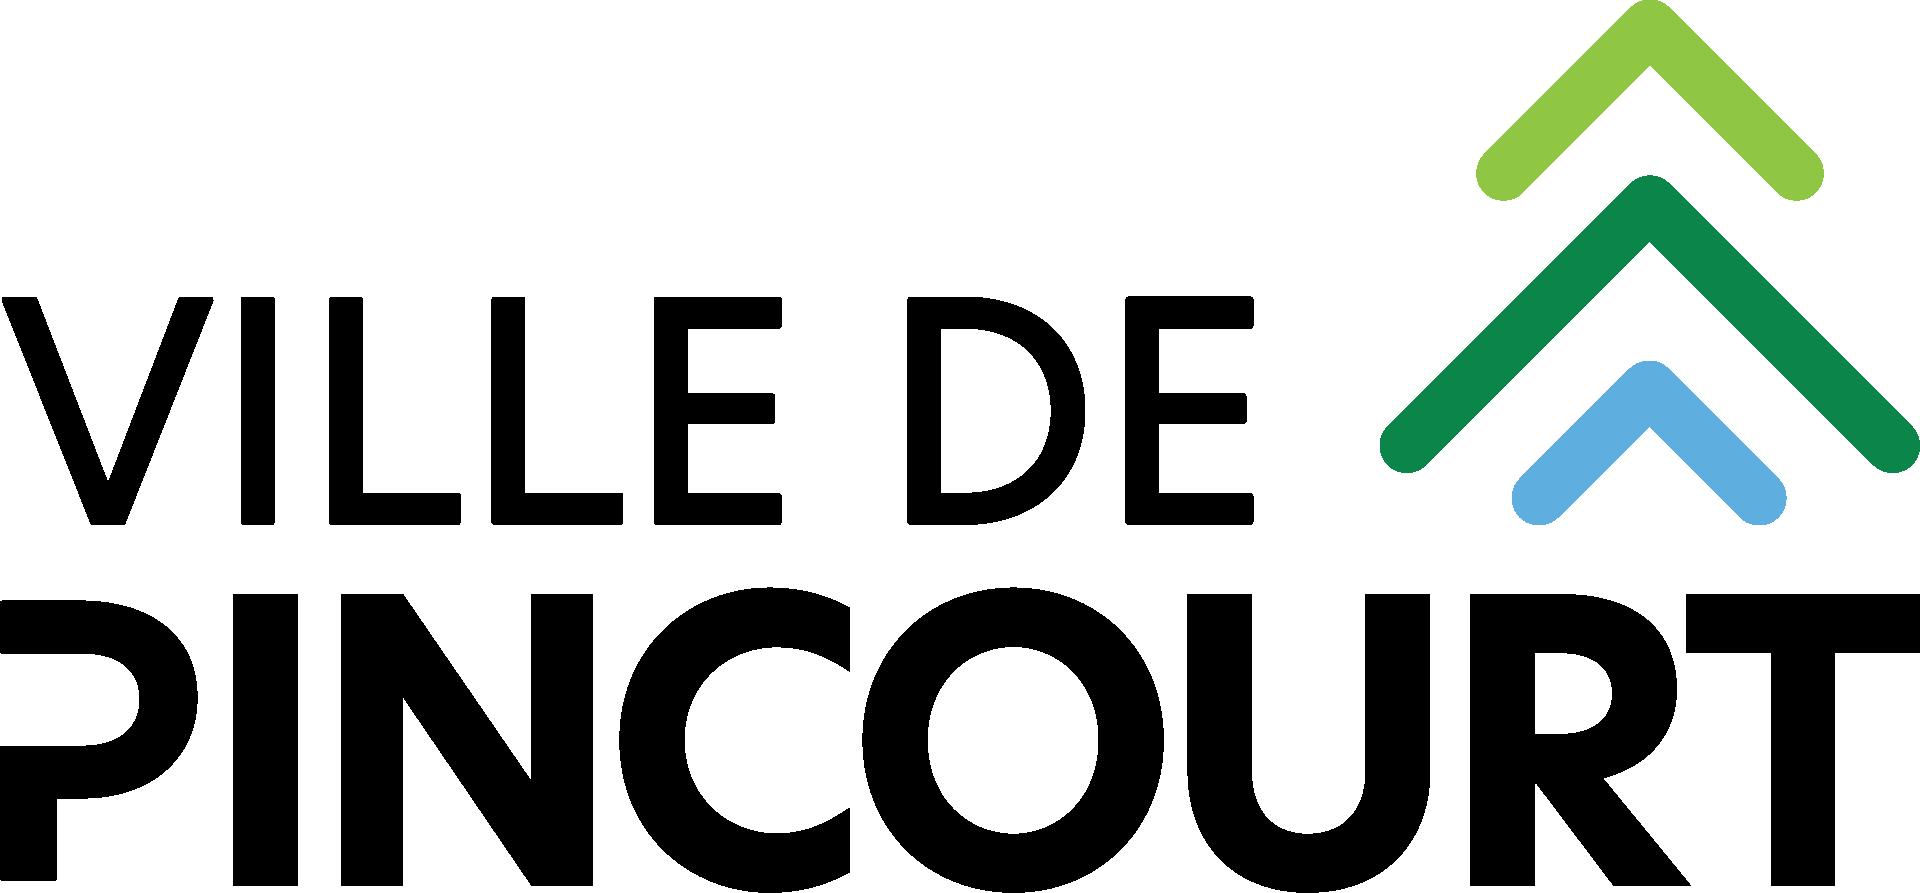 2021_-_logo-pincourt.png (40 KB)